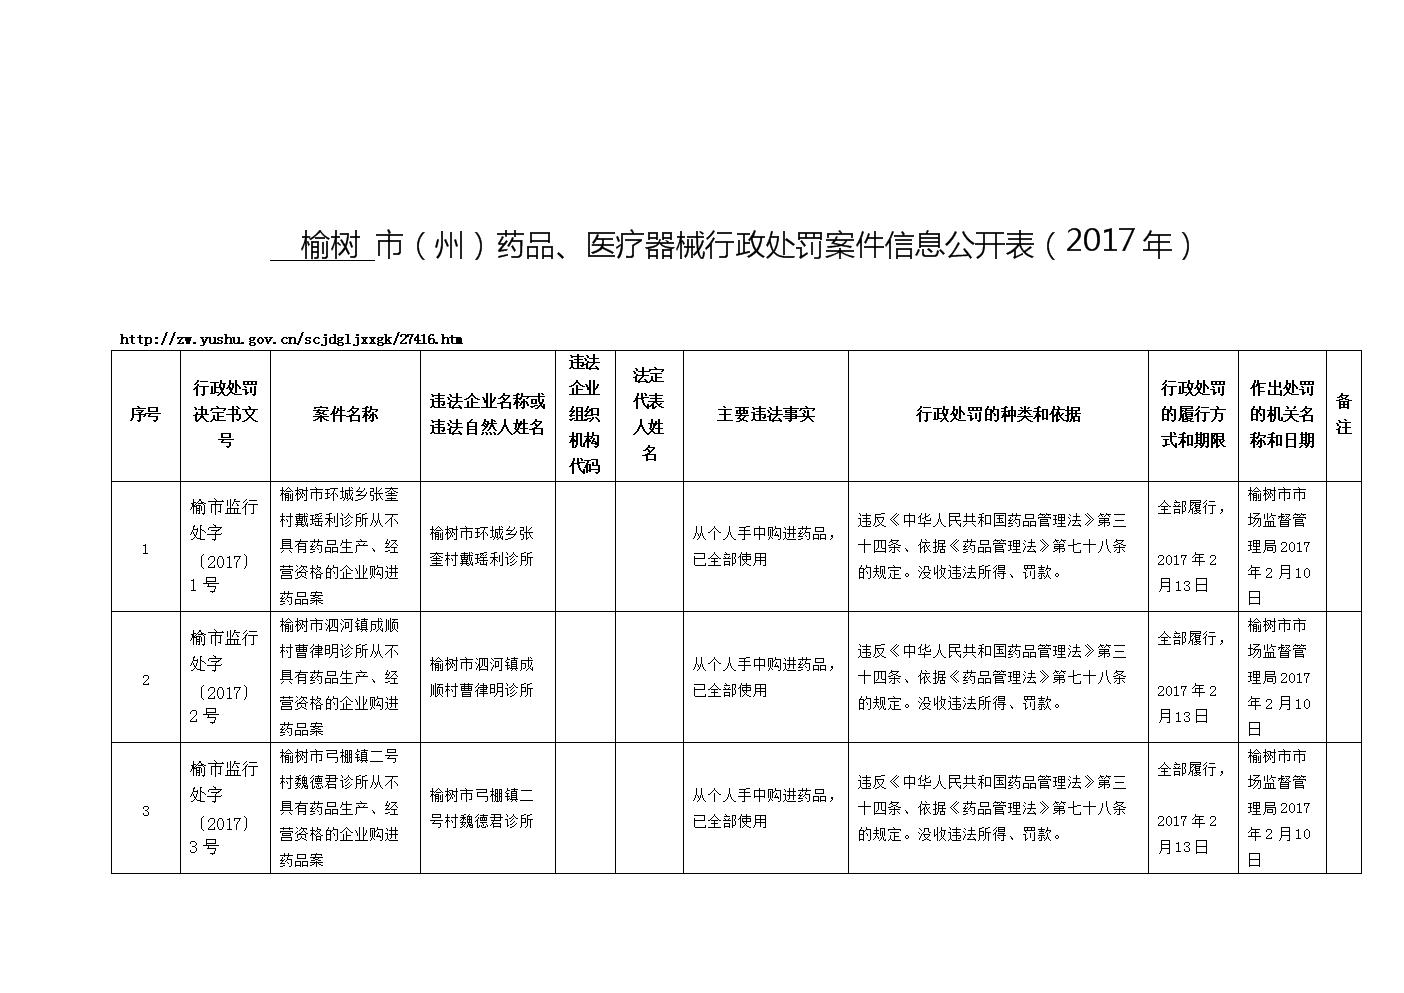 2016年第六期食品药品行政处罚案件信息公开